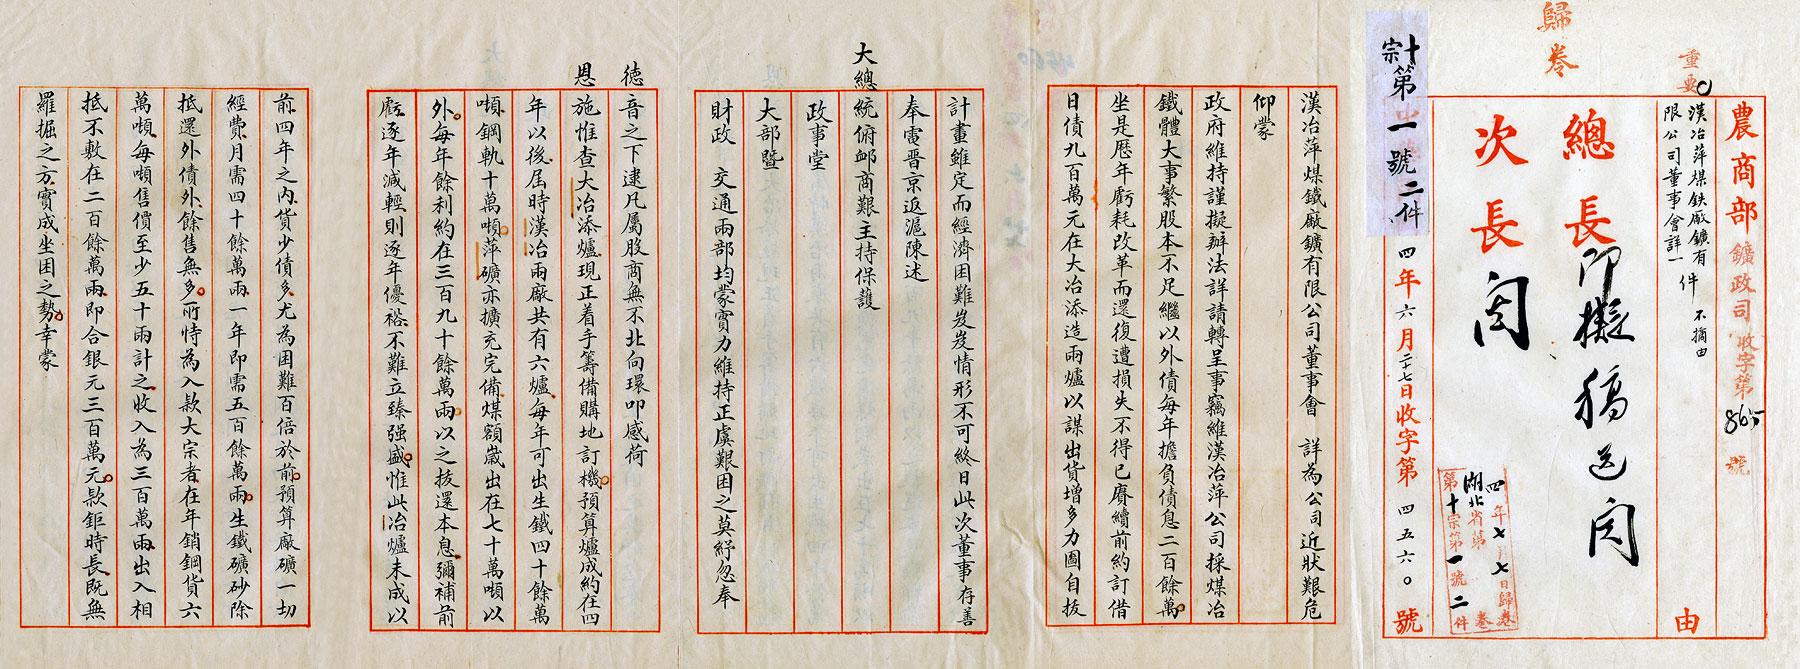 1915年6月,農商部收漢冶萍煤鐵廠礦公司董事會詳(上) (08-24-15-001-02-062)